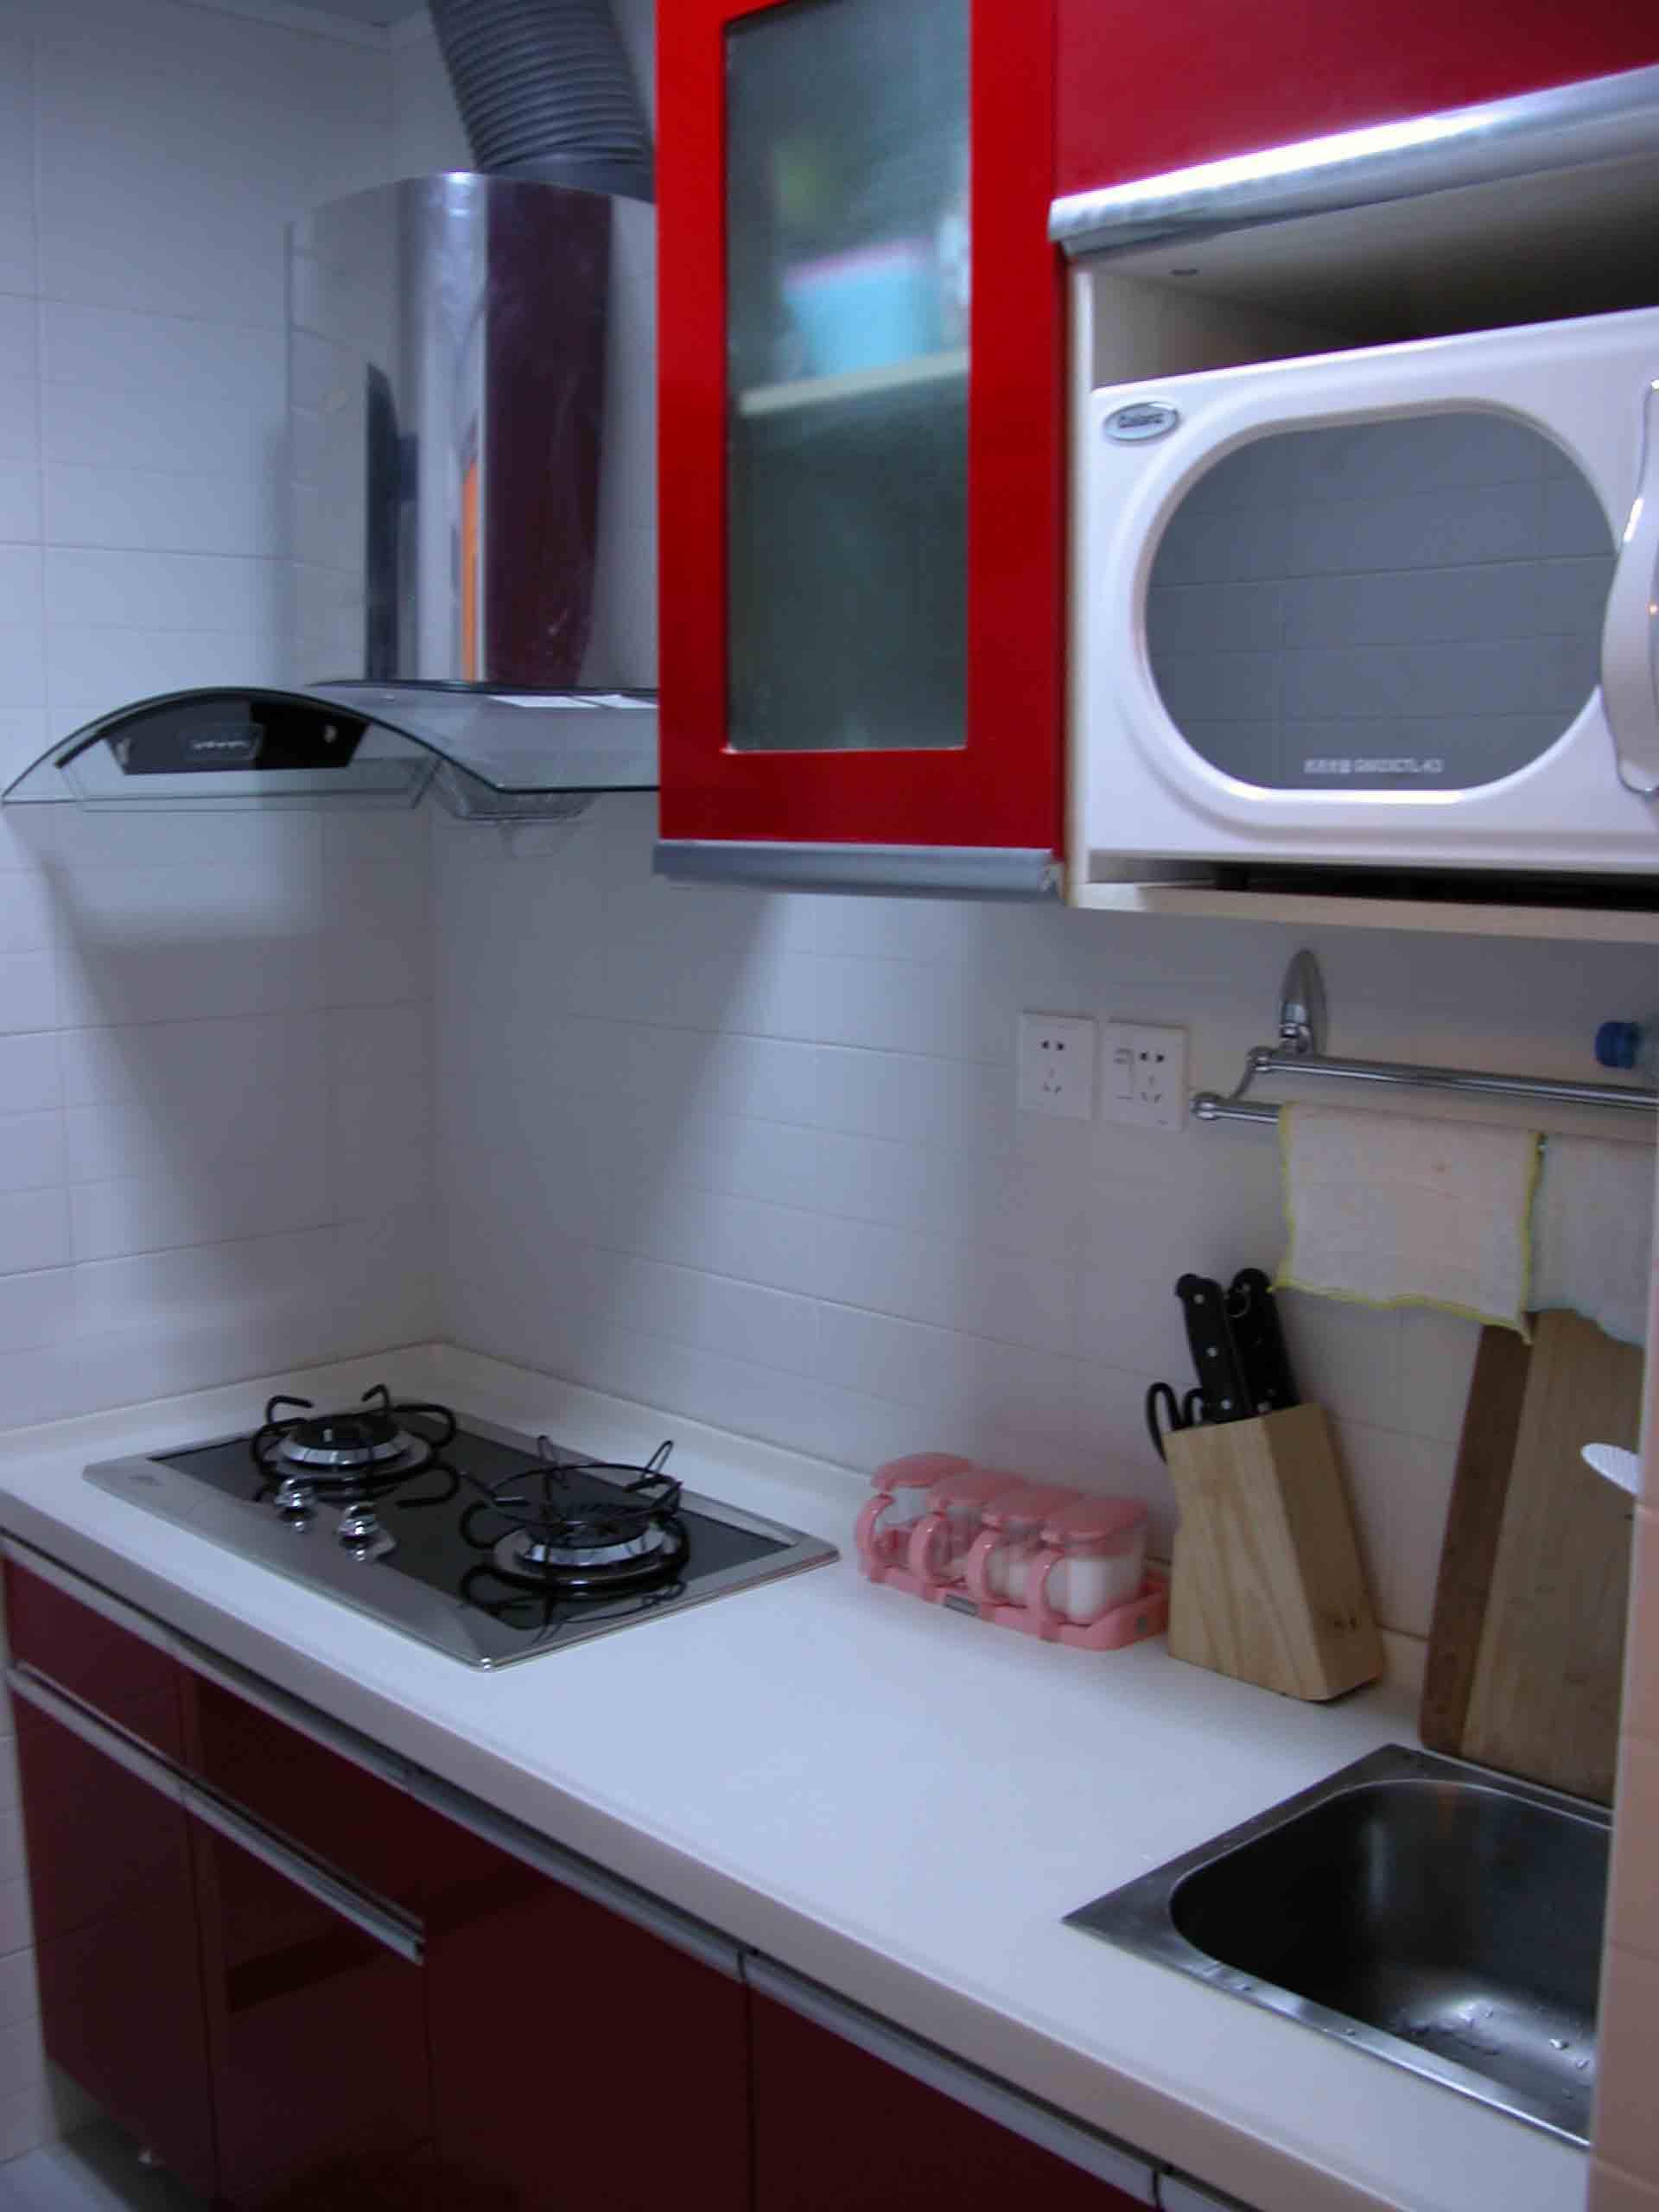 厨房面积太小,装修时没有过多考虑,效果一般,但橱柜加电器才五高清图片